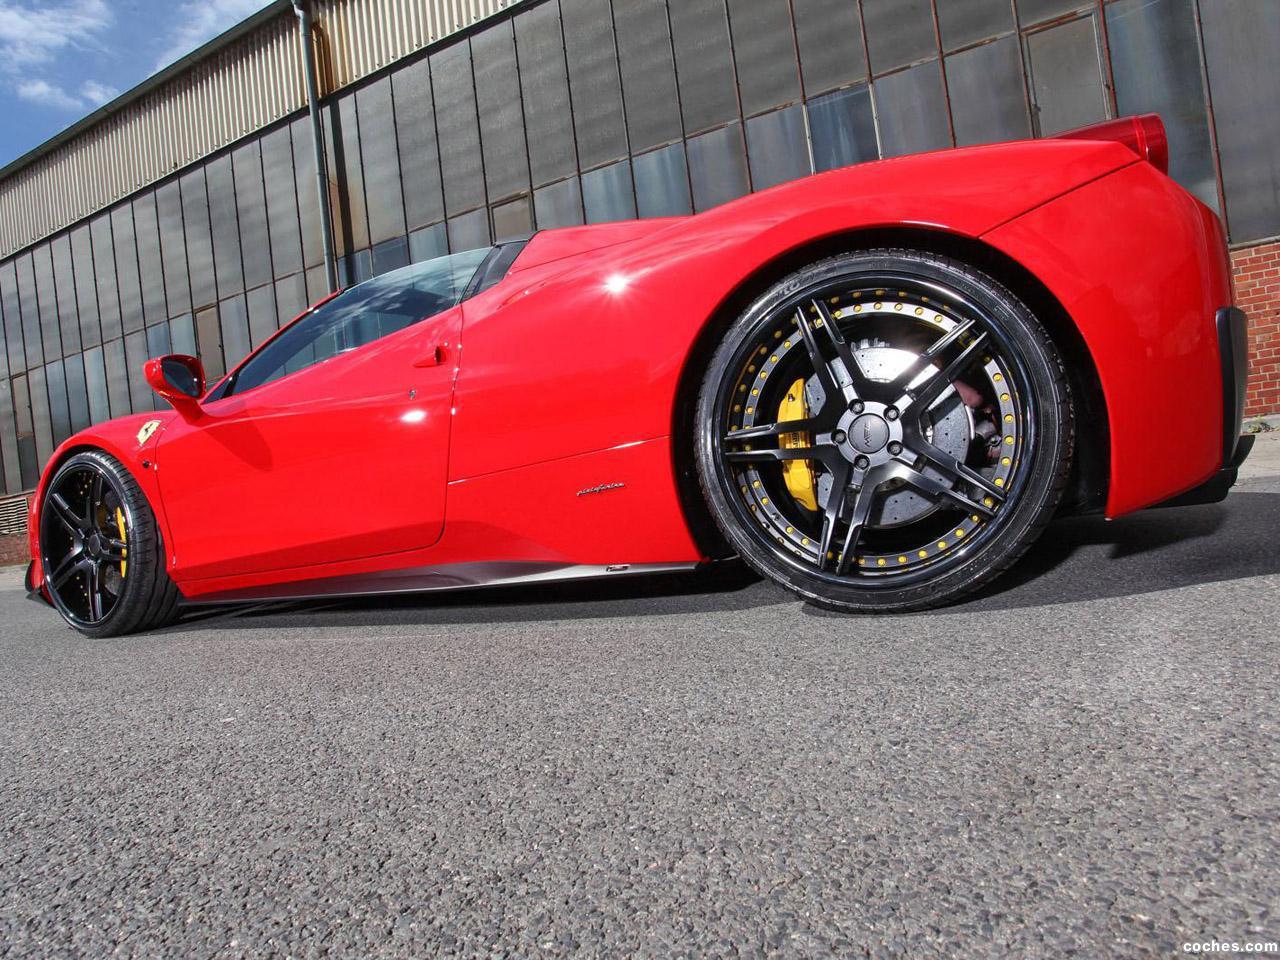 Foto 4 de Mec Design Ferrari 458 Italia 2014